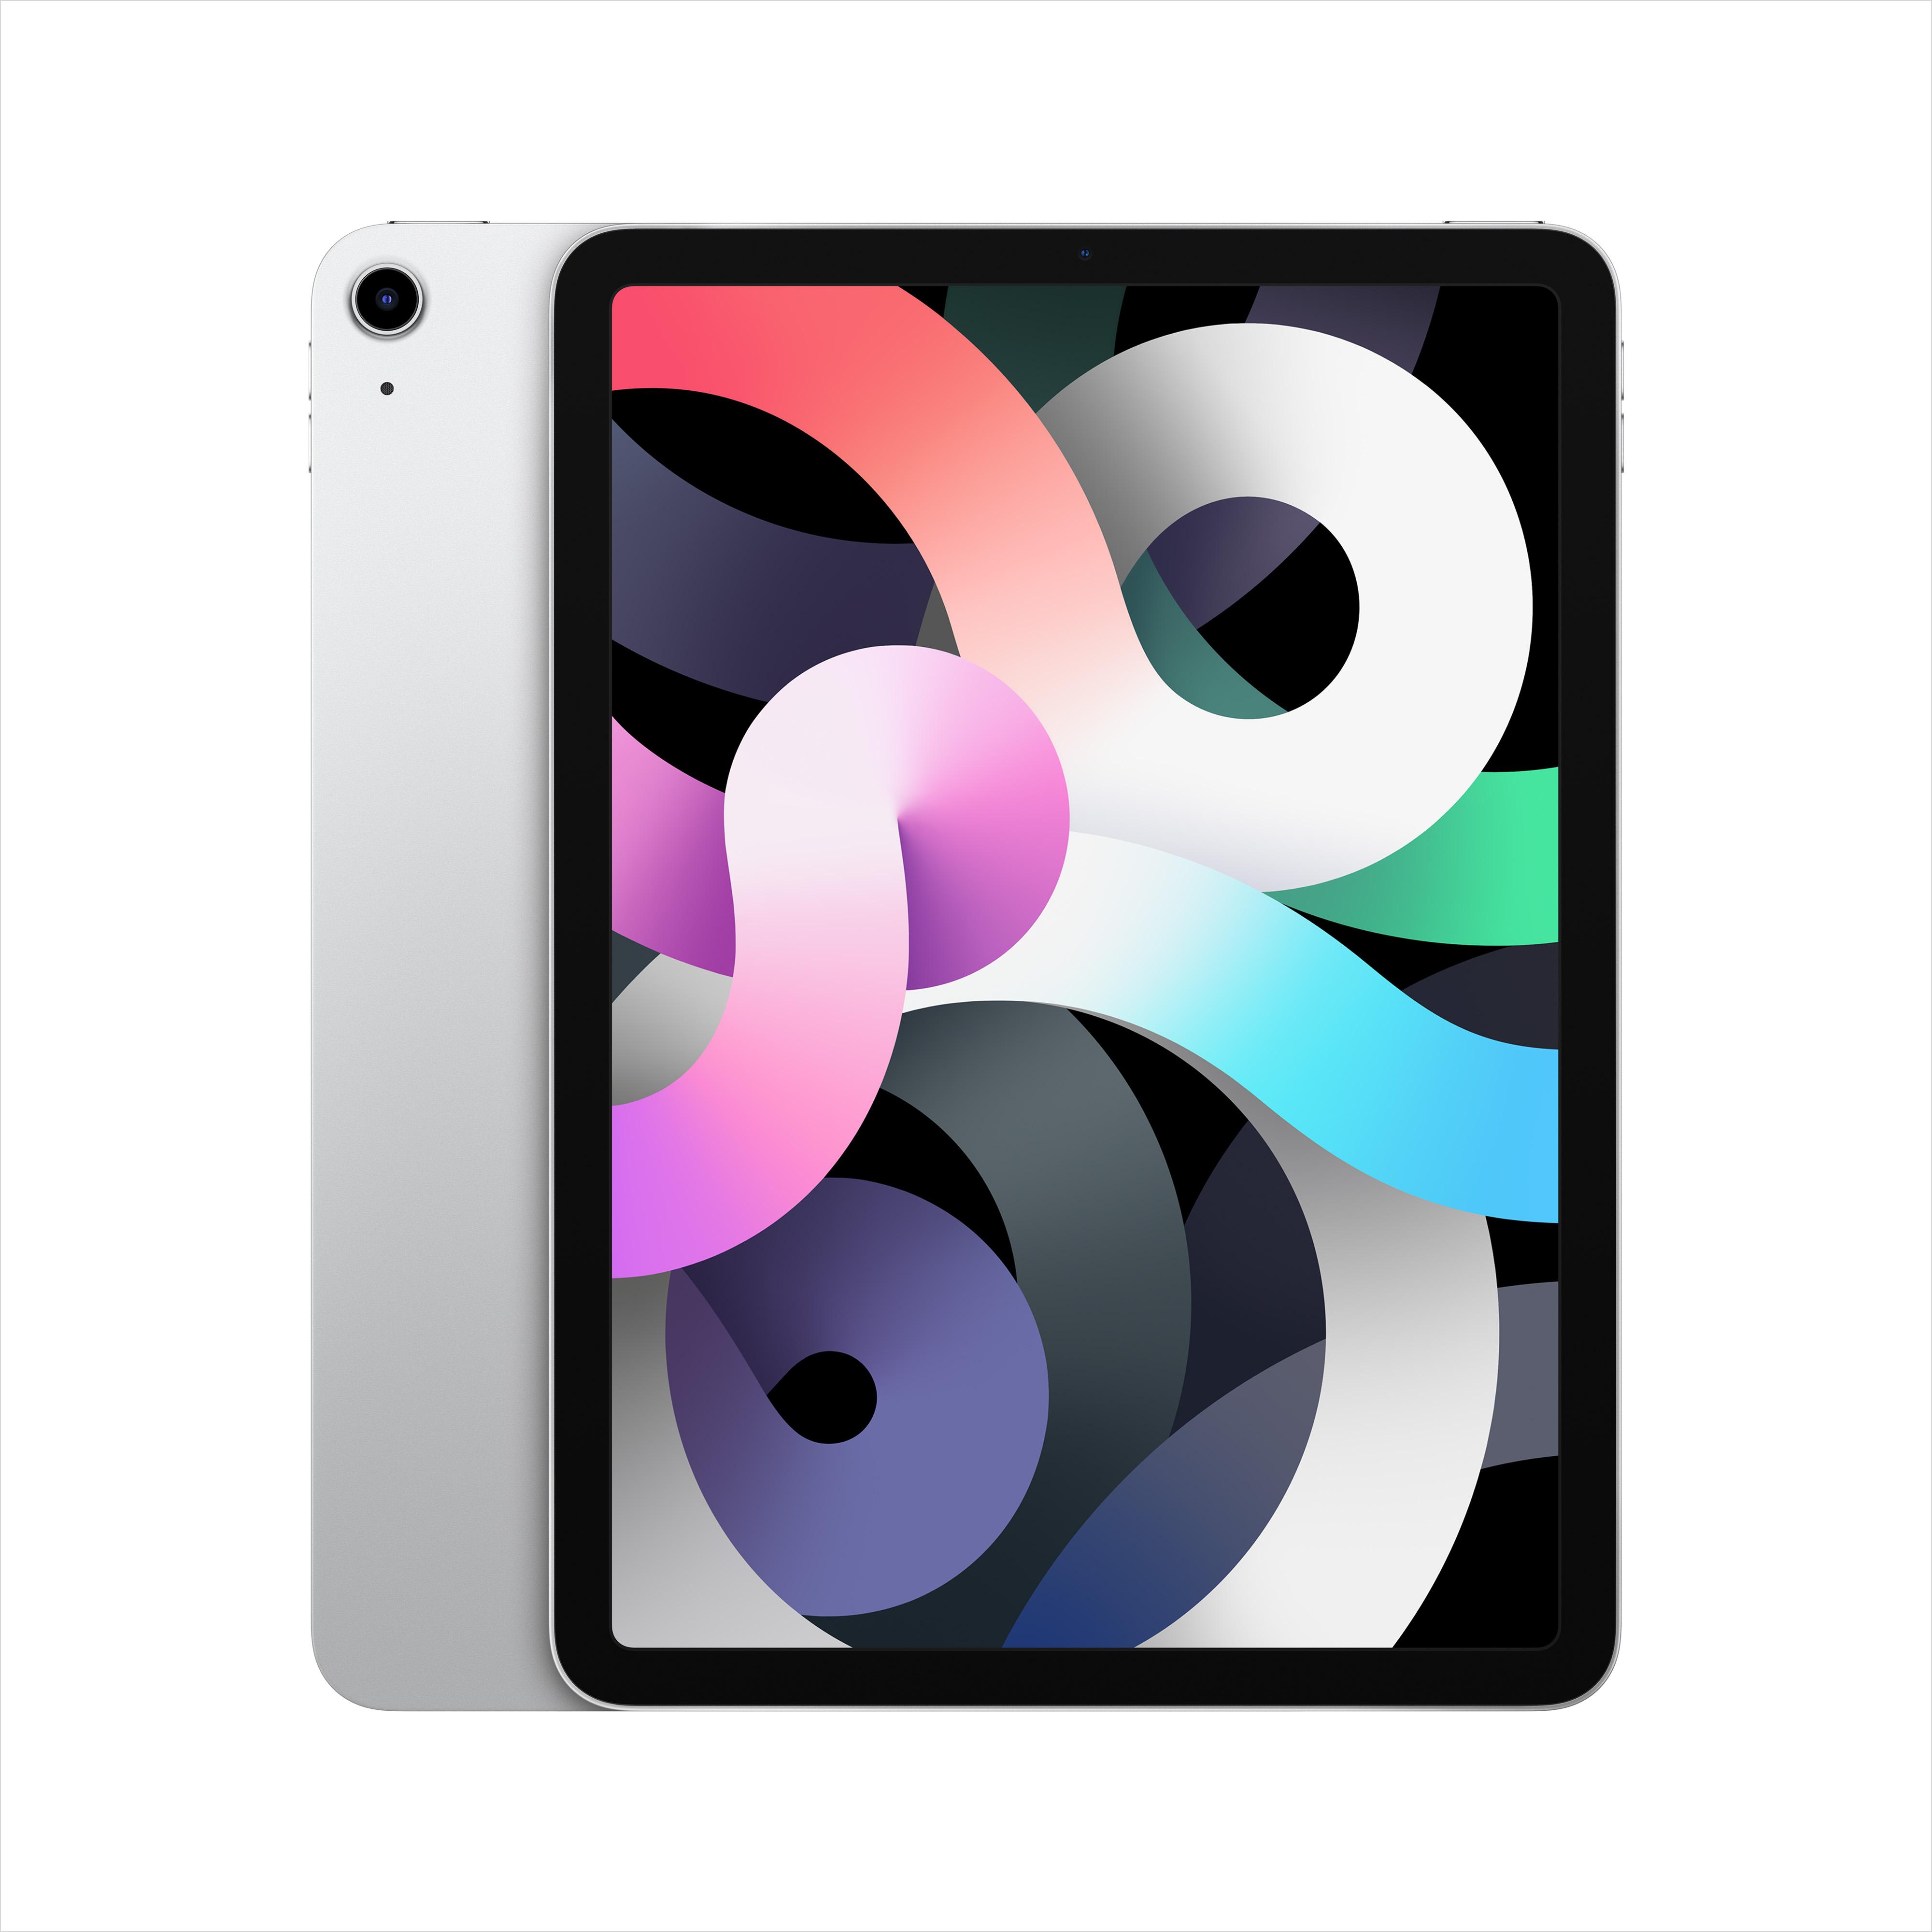 [Pre-Order] 10.9-inch iPad Air Wi-Fi เริ่มจัดส่งสินค้าวันที่ 27 กรกฎาคม 64 เป็นต้นไป